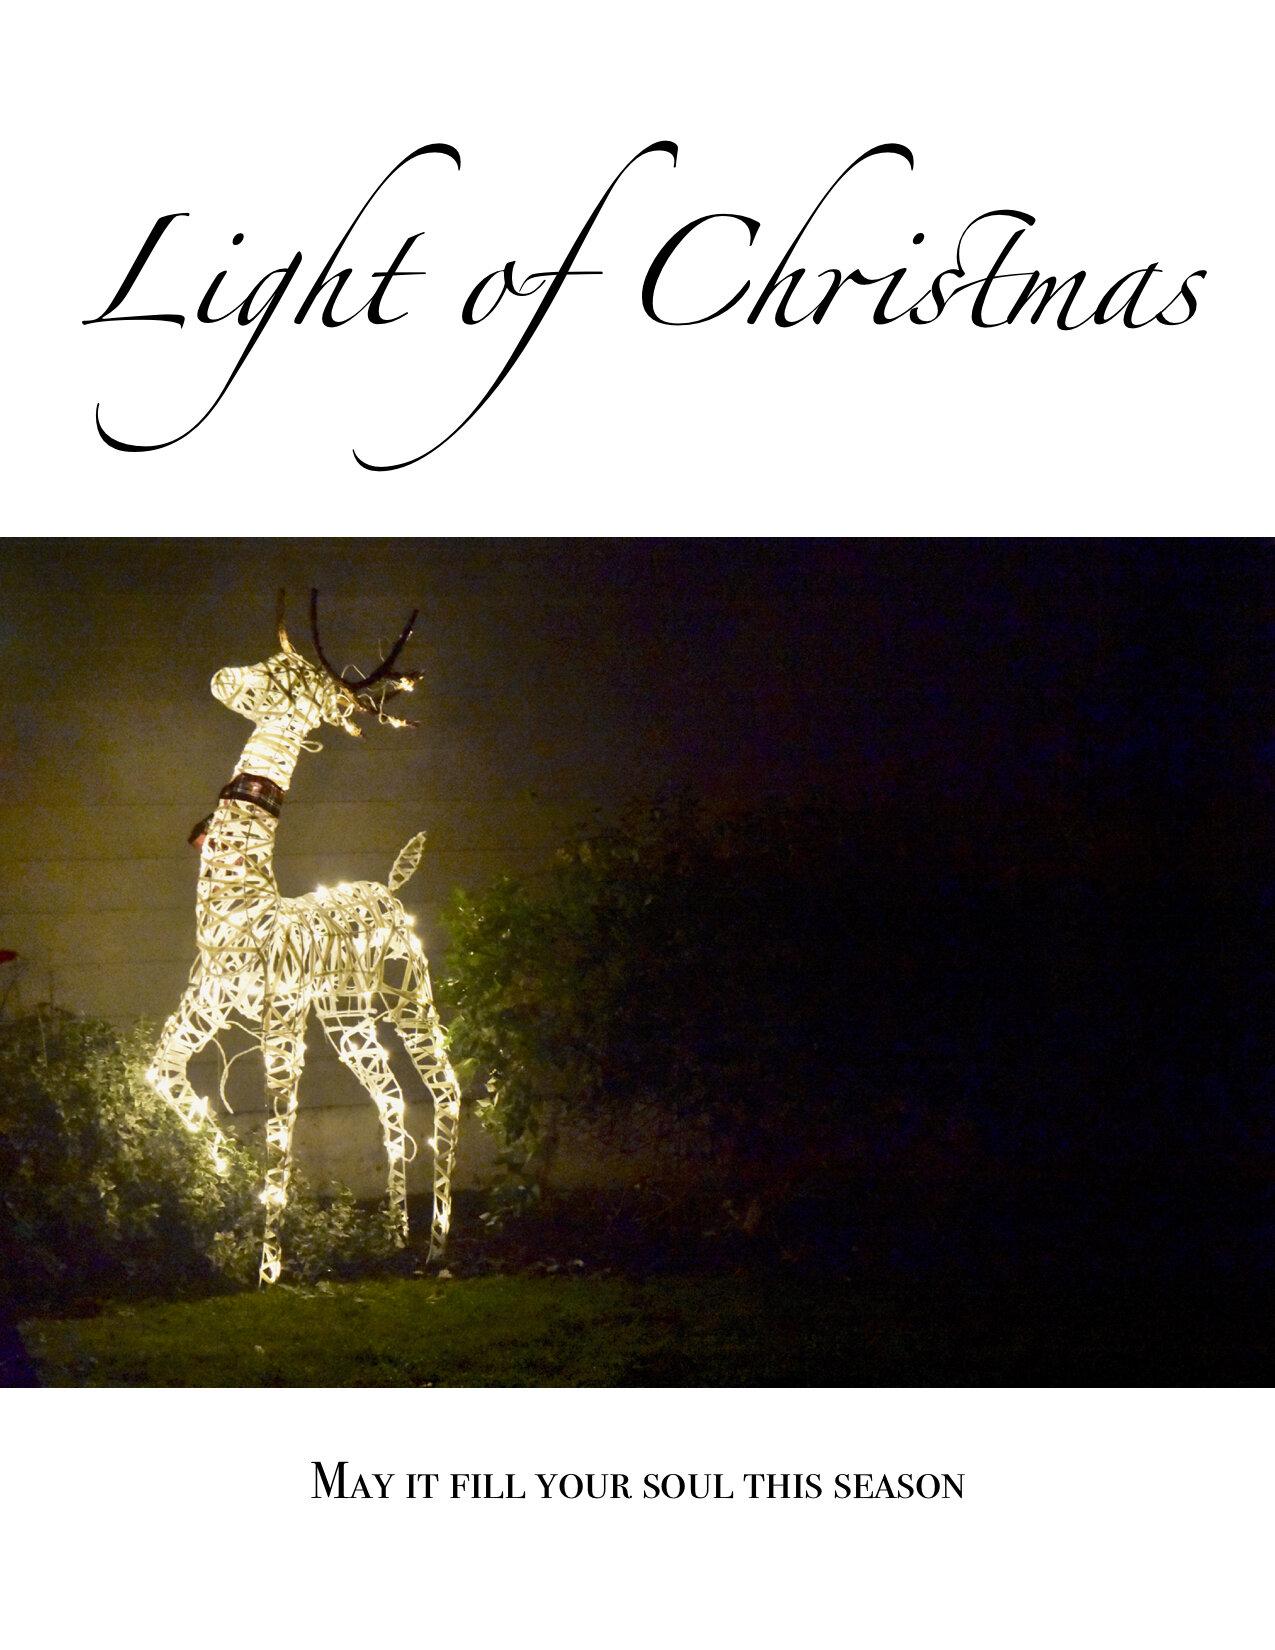 Light of Christmas.jpg